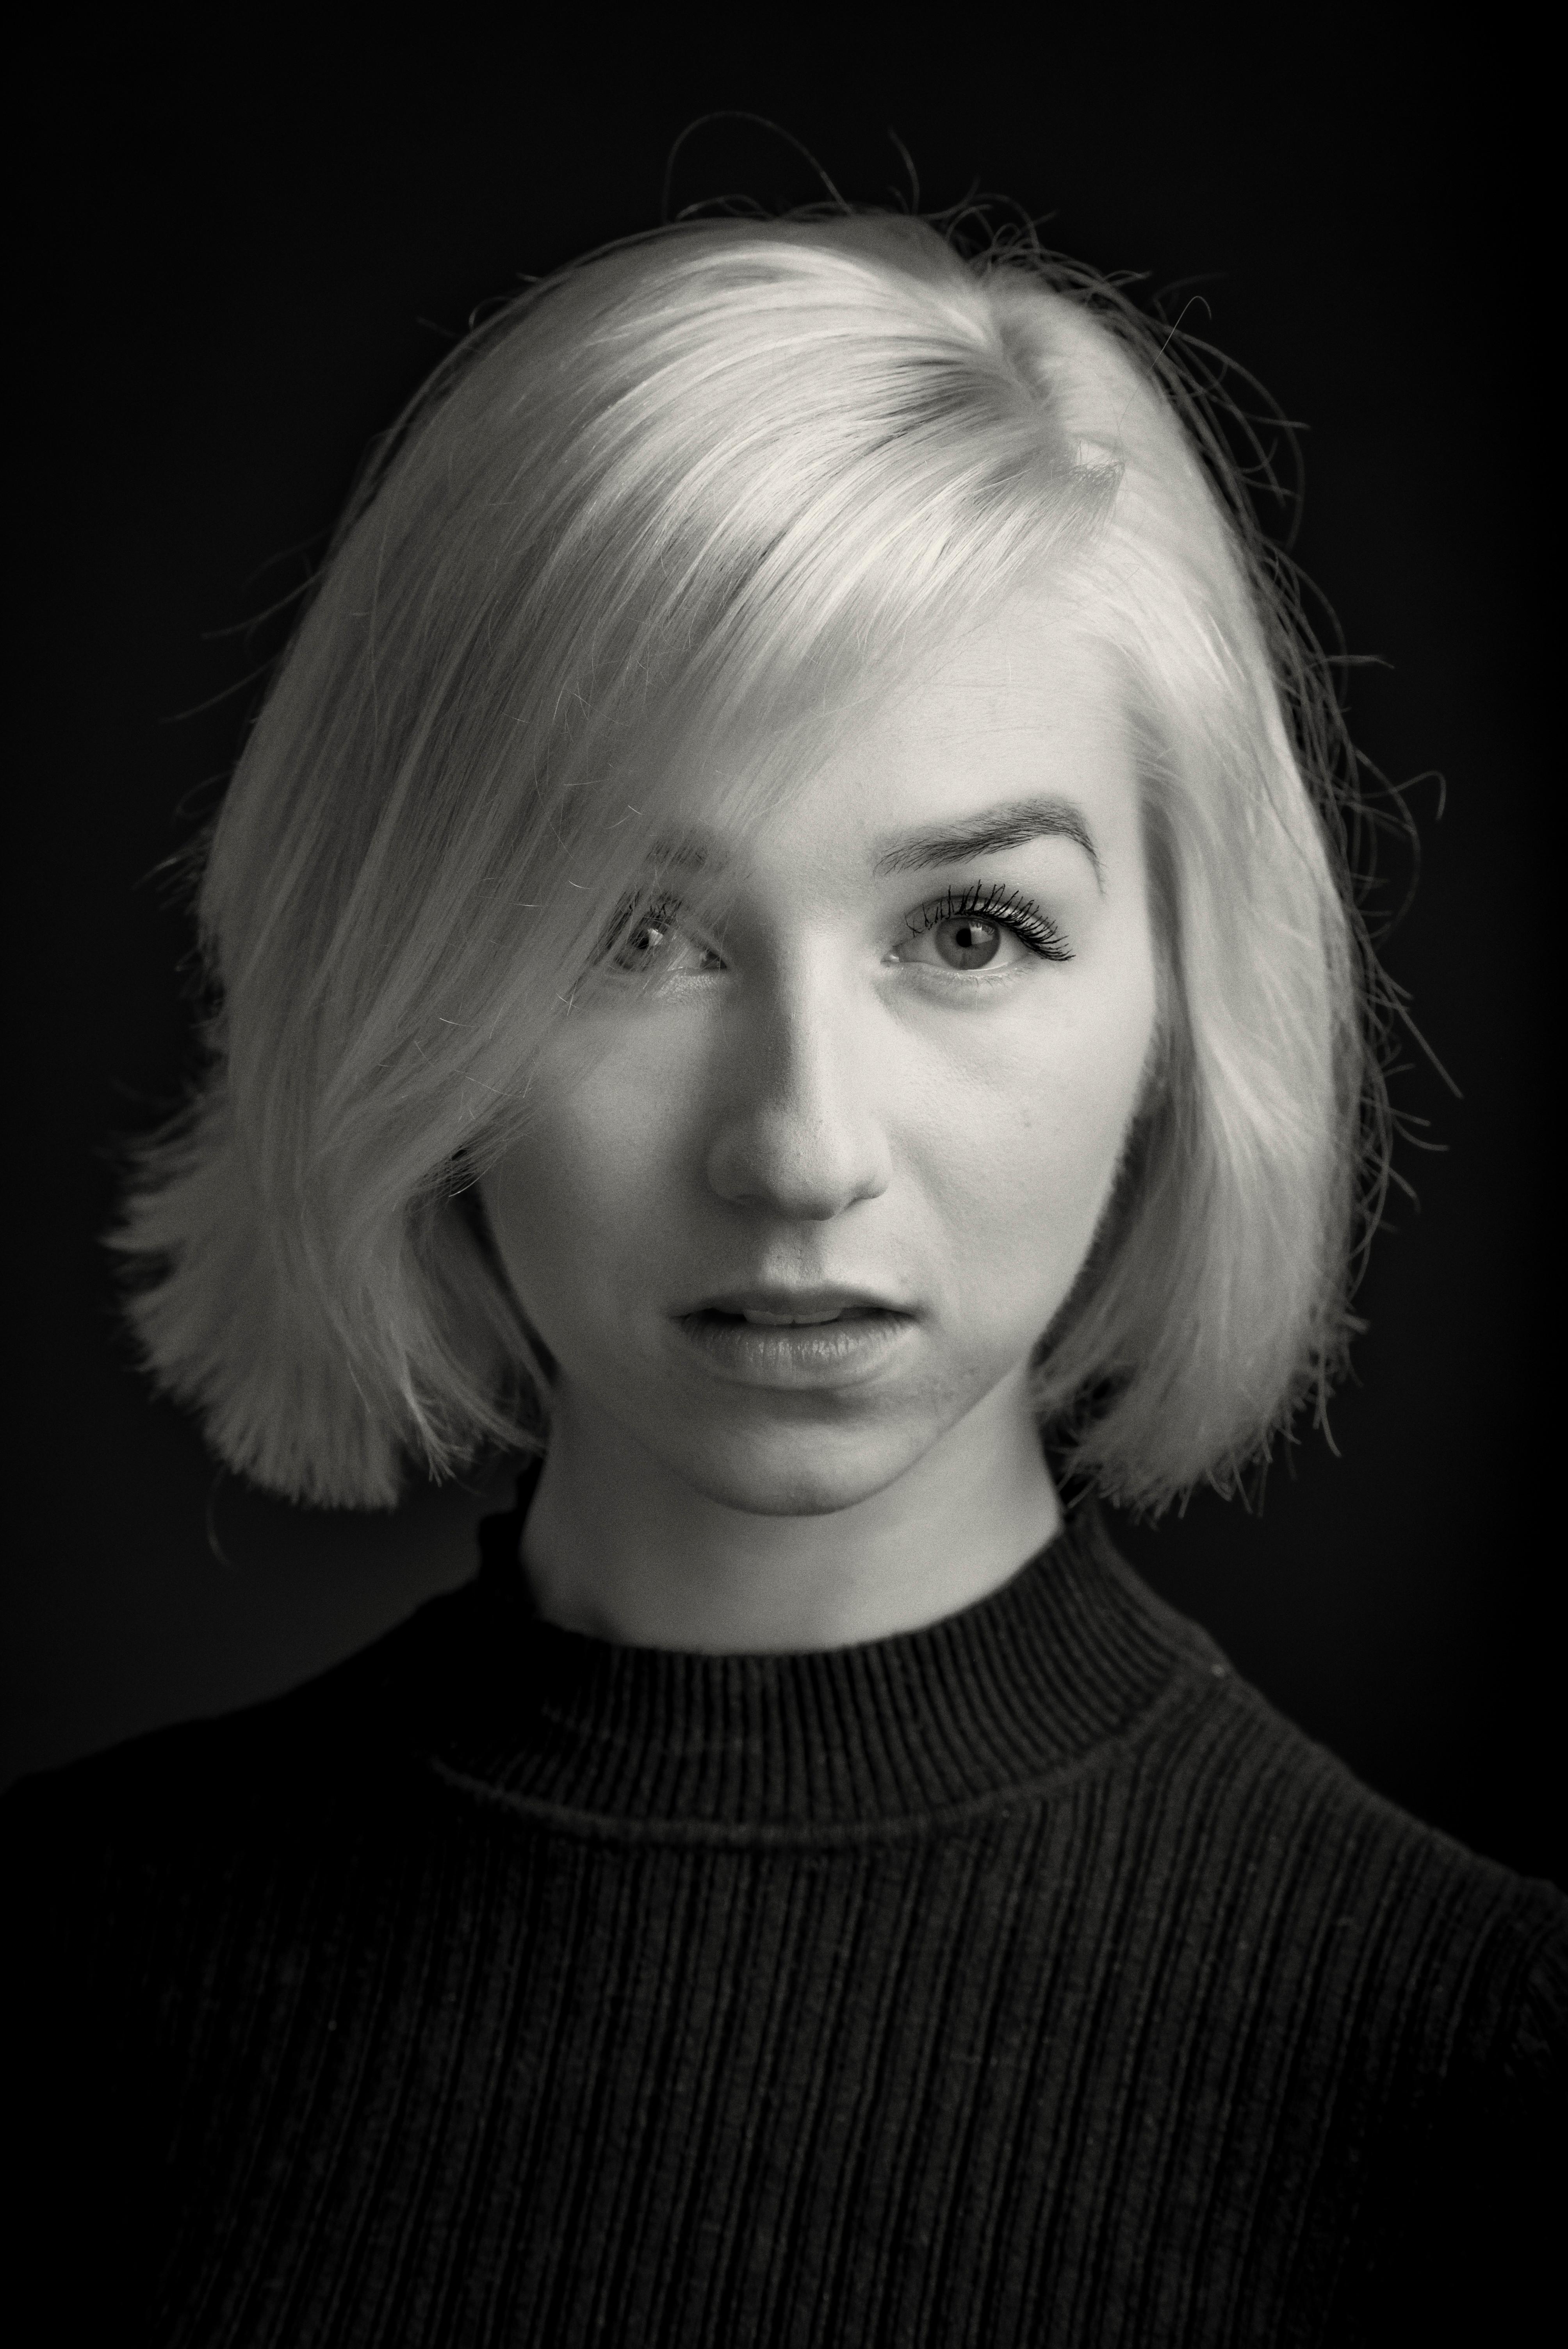 Headshots & Portraits (Studio)